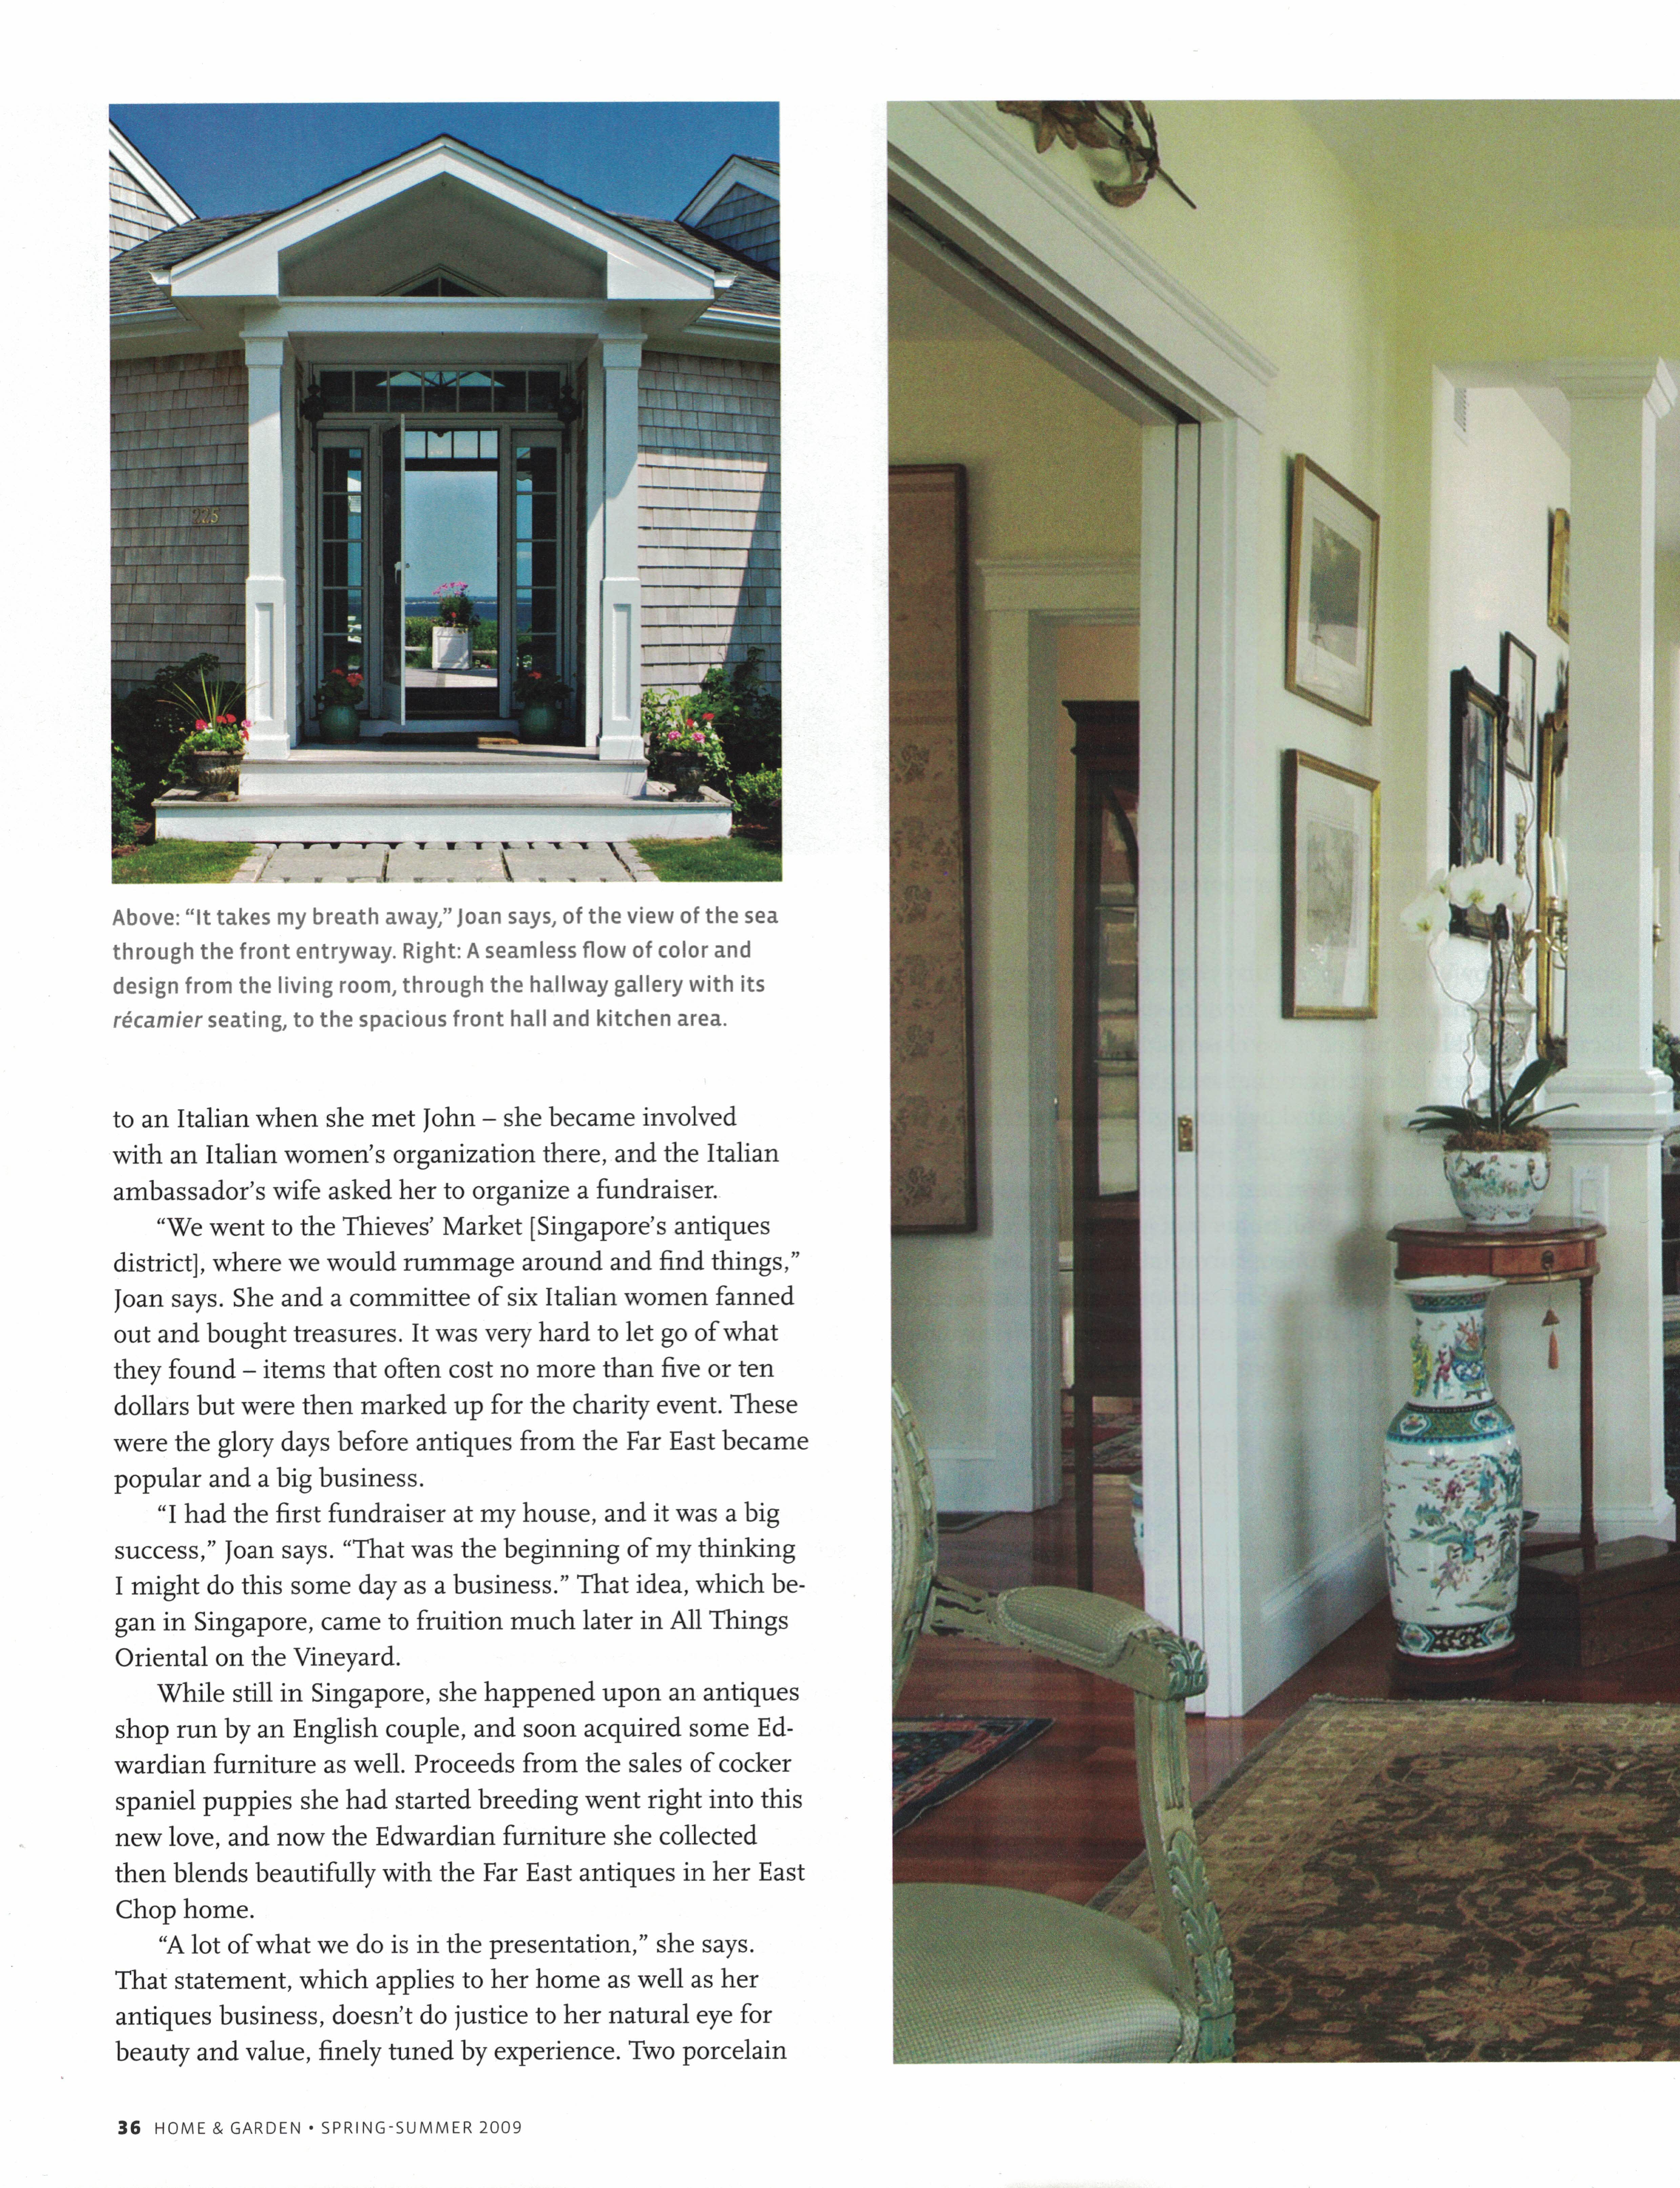 Marthas Vineyard Magazine Home & Garden Spring-Summer 2009 {Page 36}